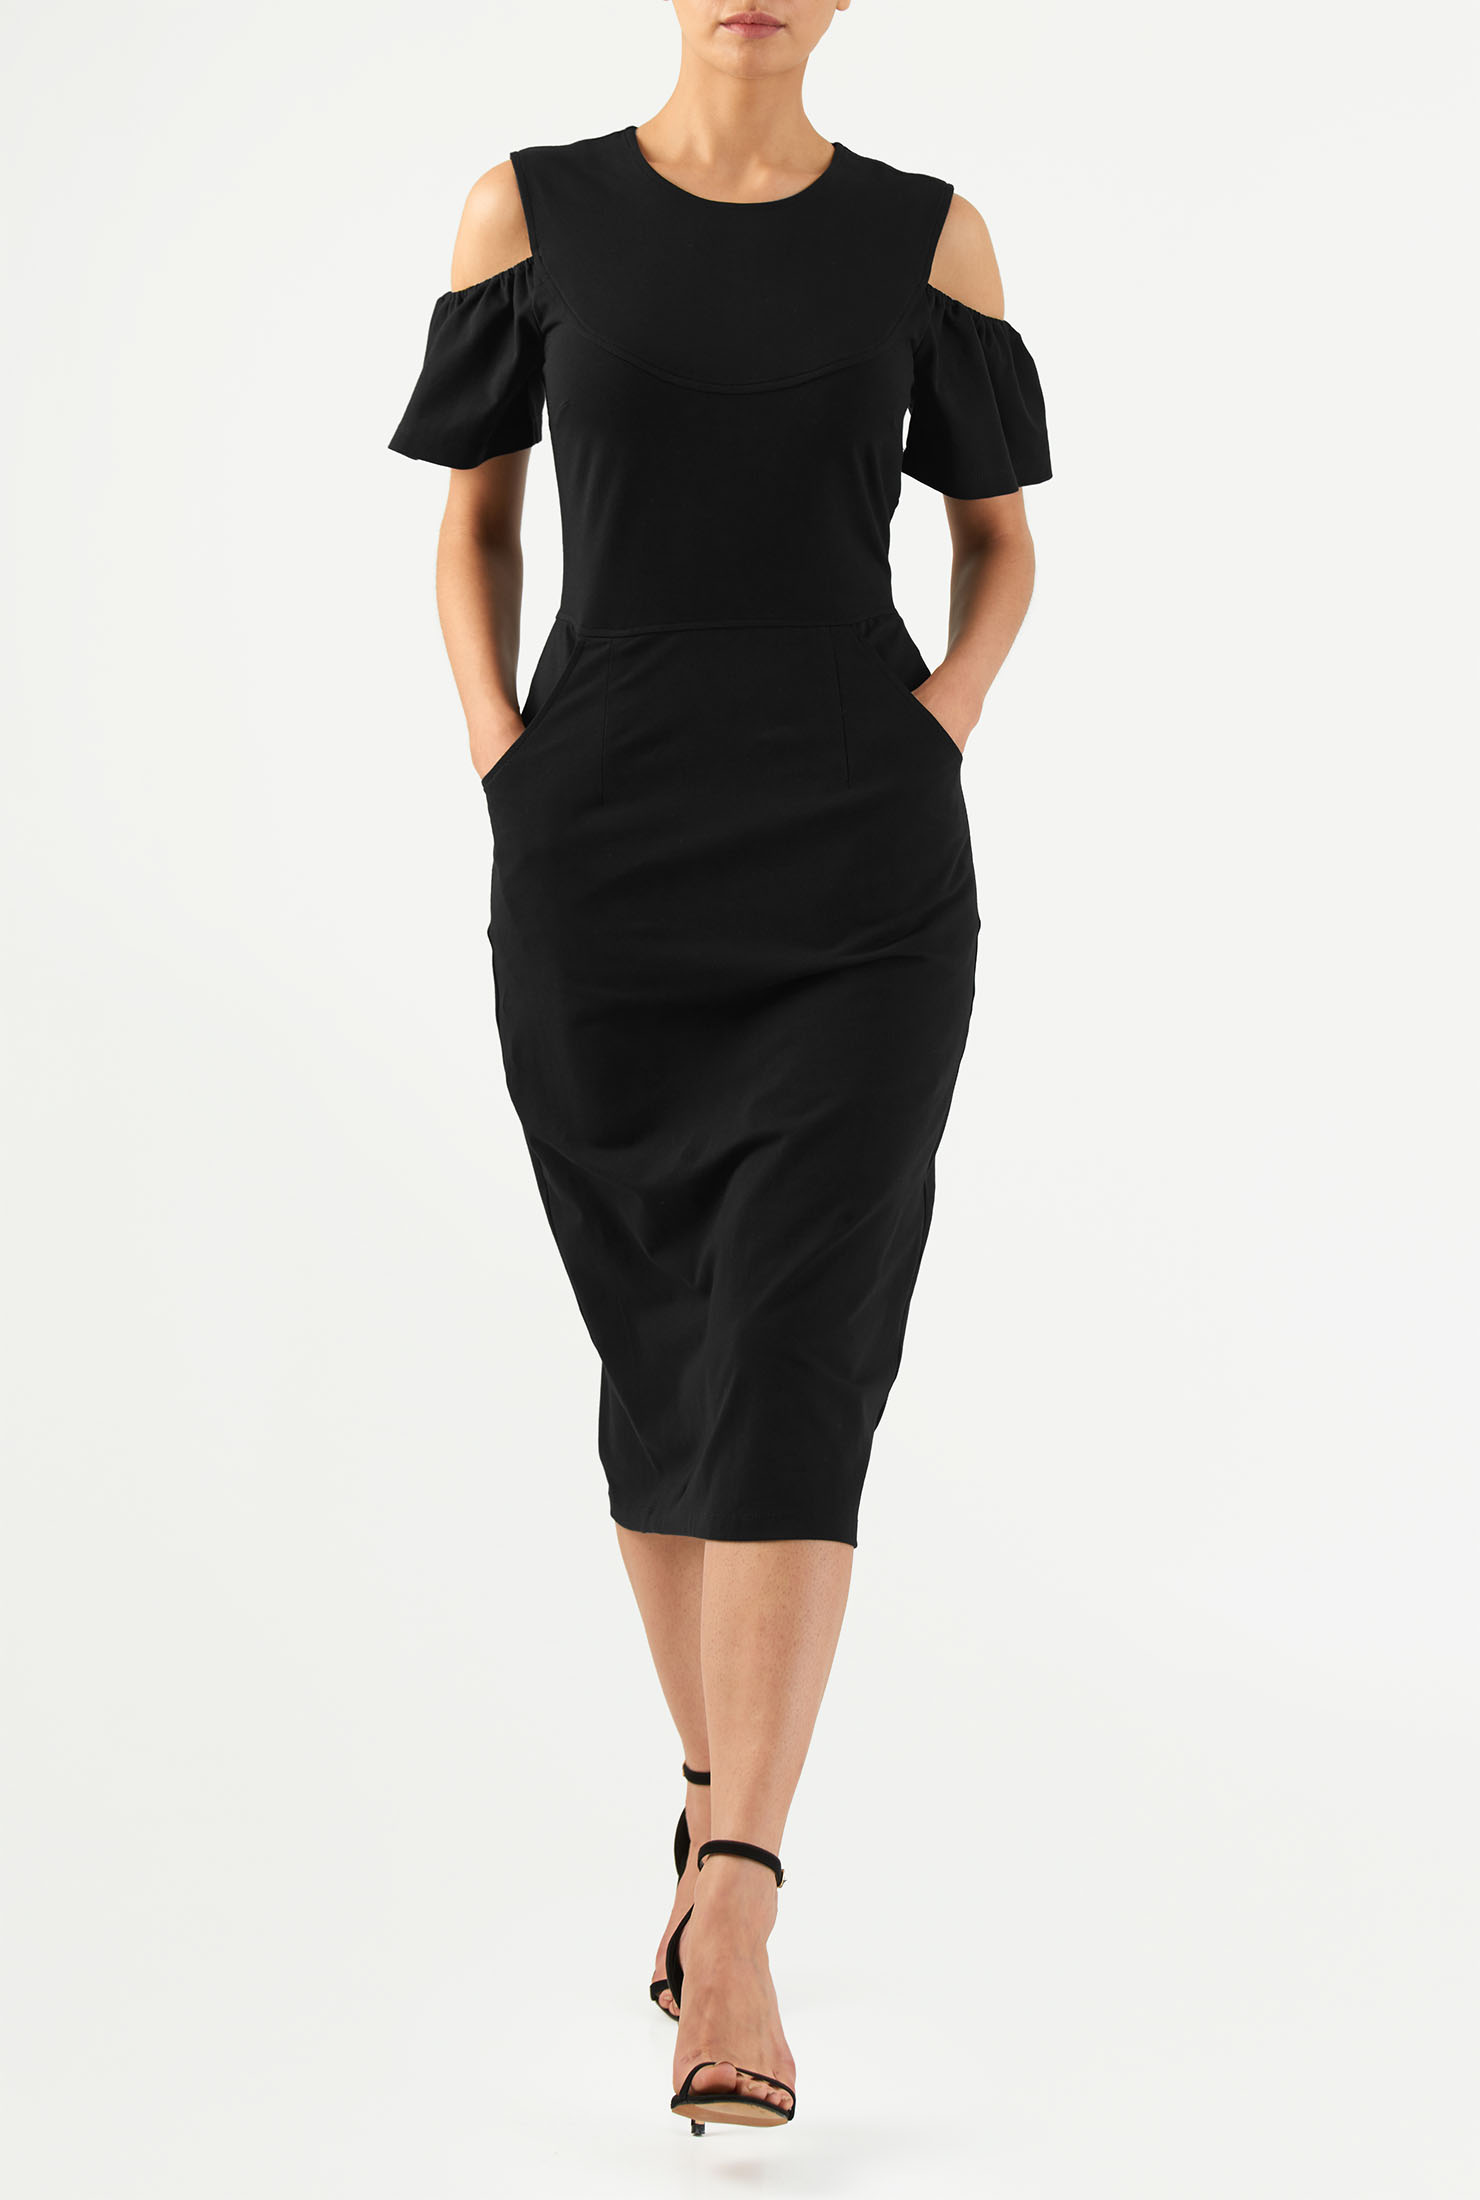 eShakti Women's Cold shoulder cotton knit sheath dress CL0050053